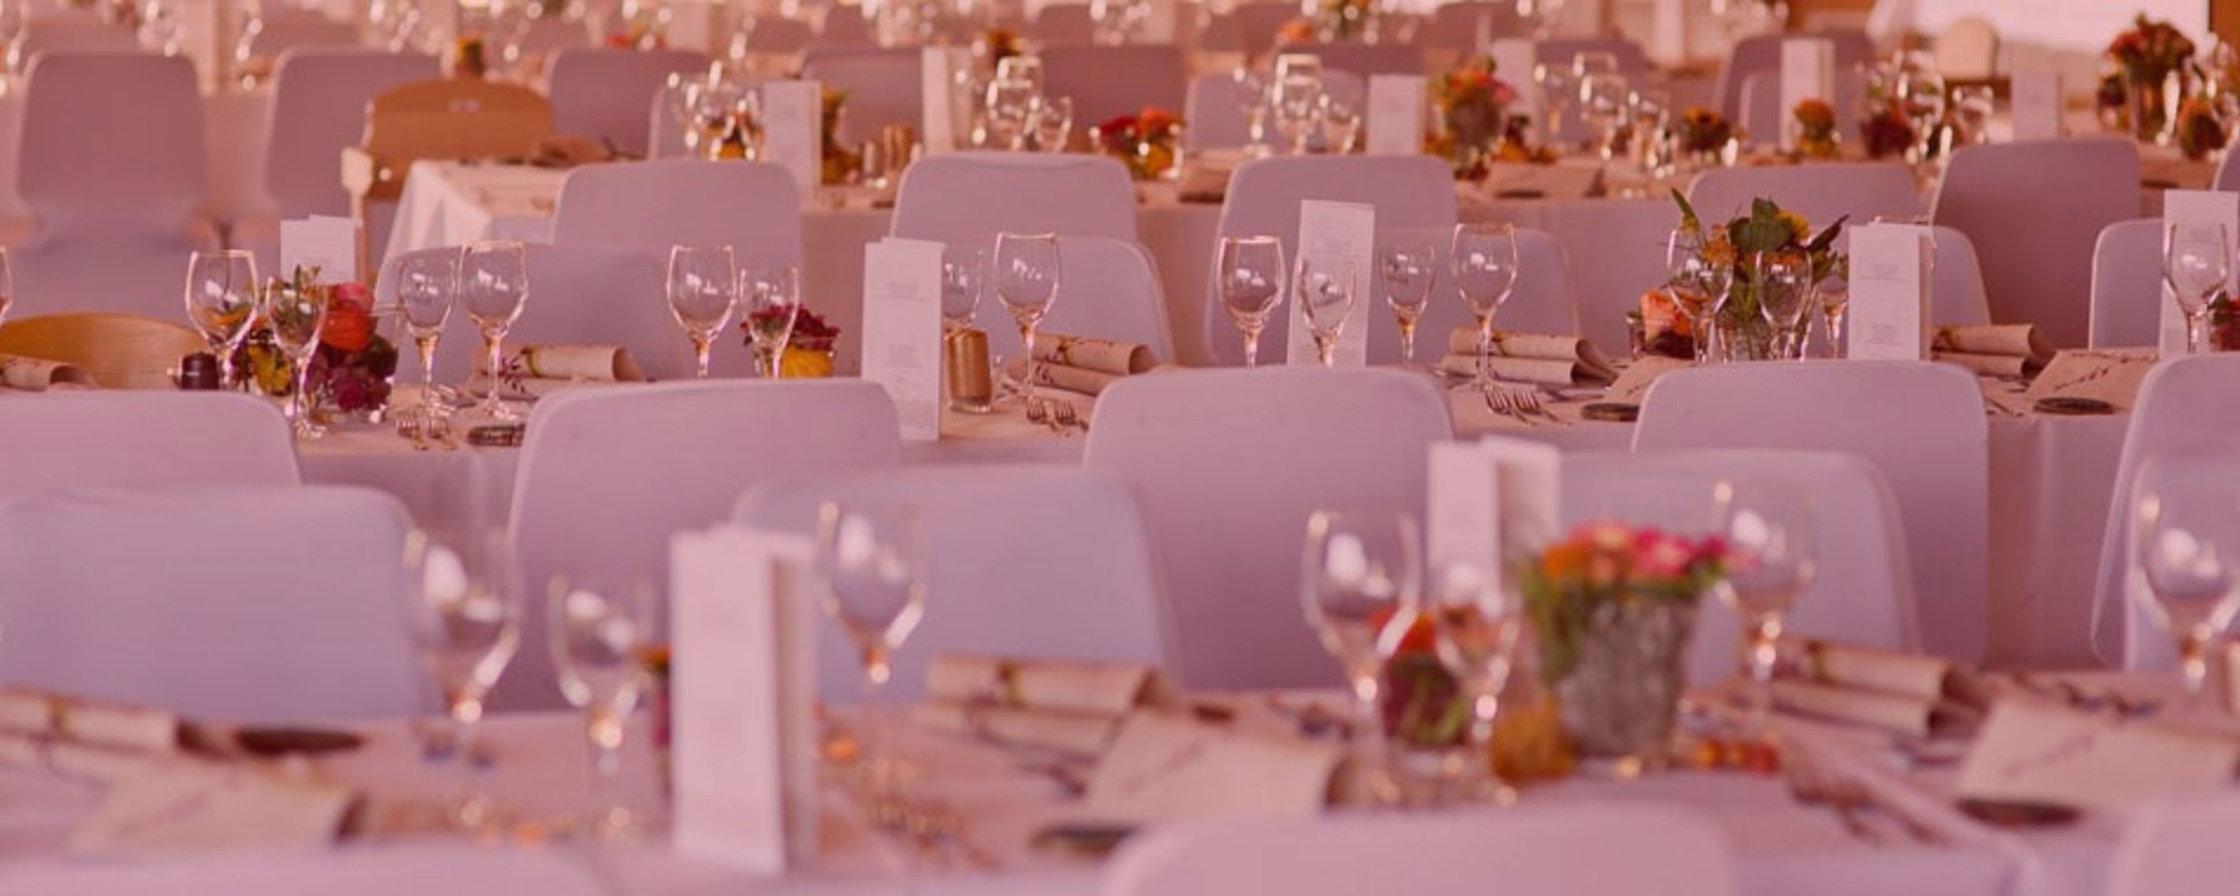 1-Hochzeit-Buergerhaus-Gastronomie-mit-Herz